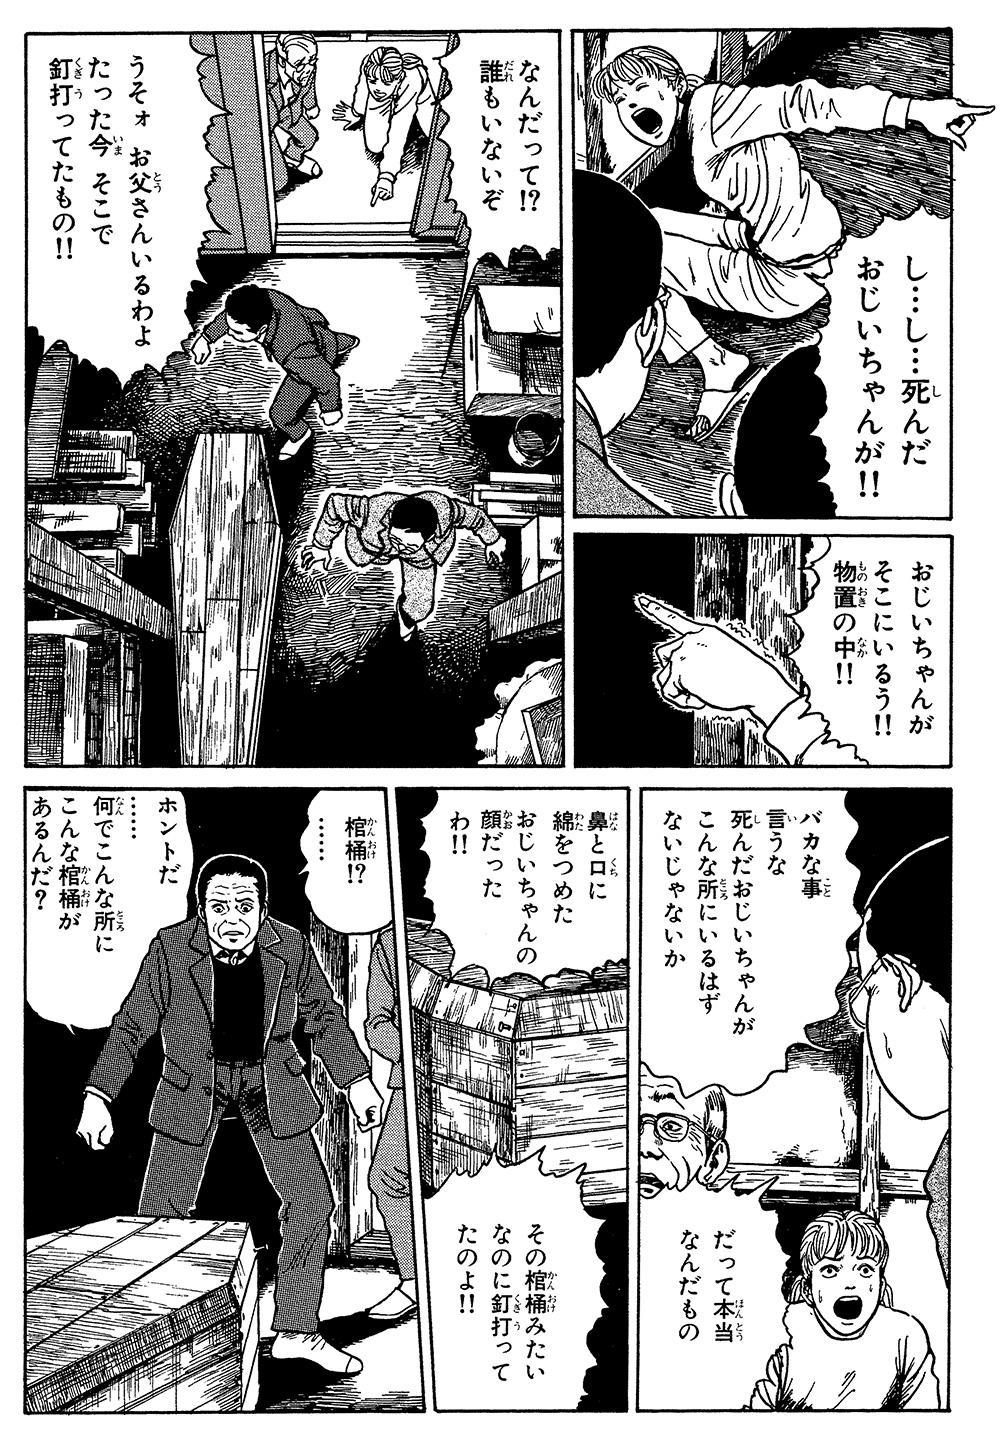 伊藤潤二傑作集「棺桶」①kanoke02-04.jpg